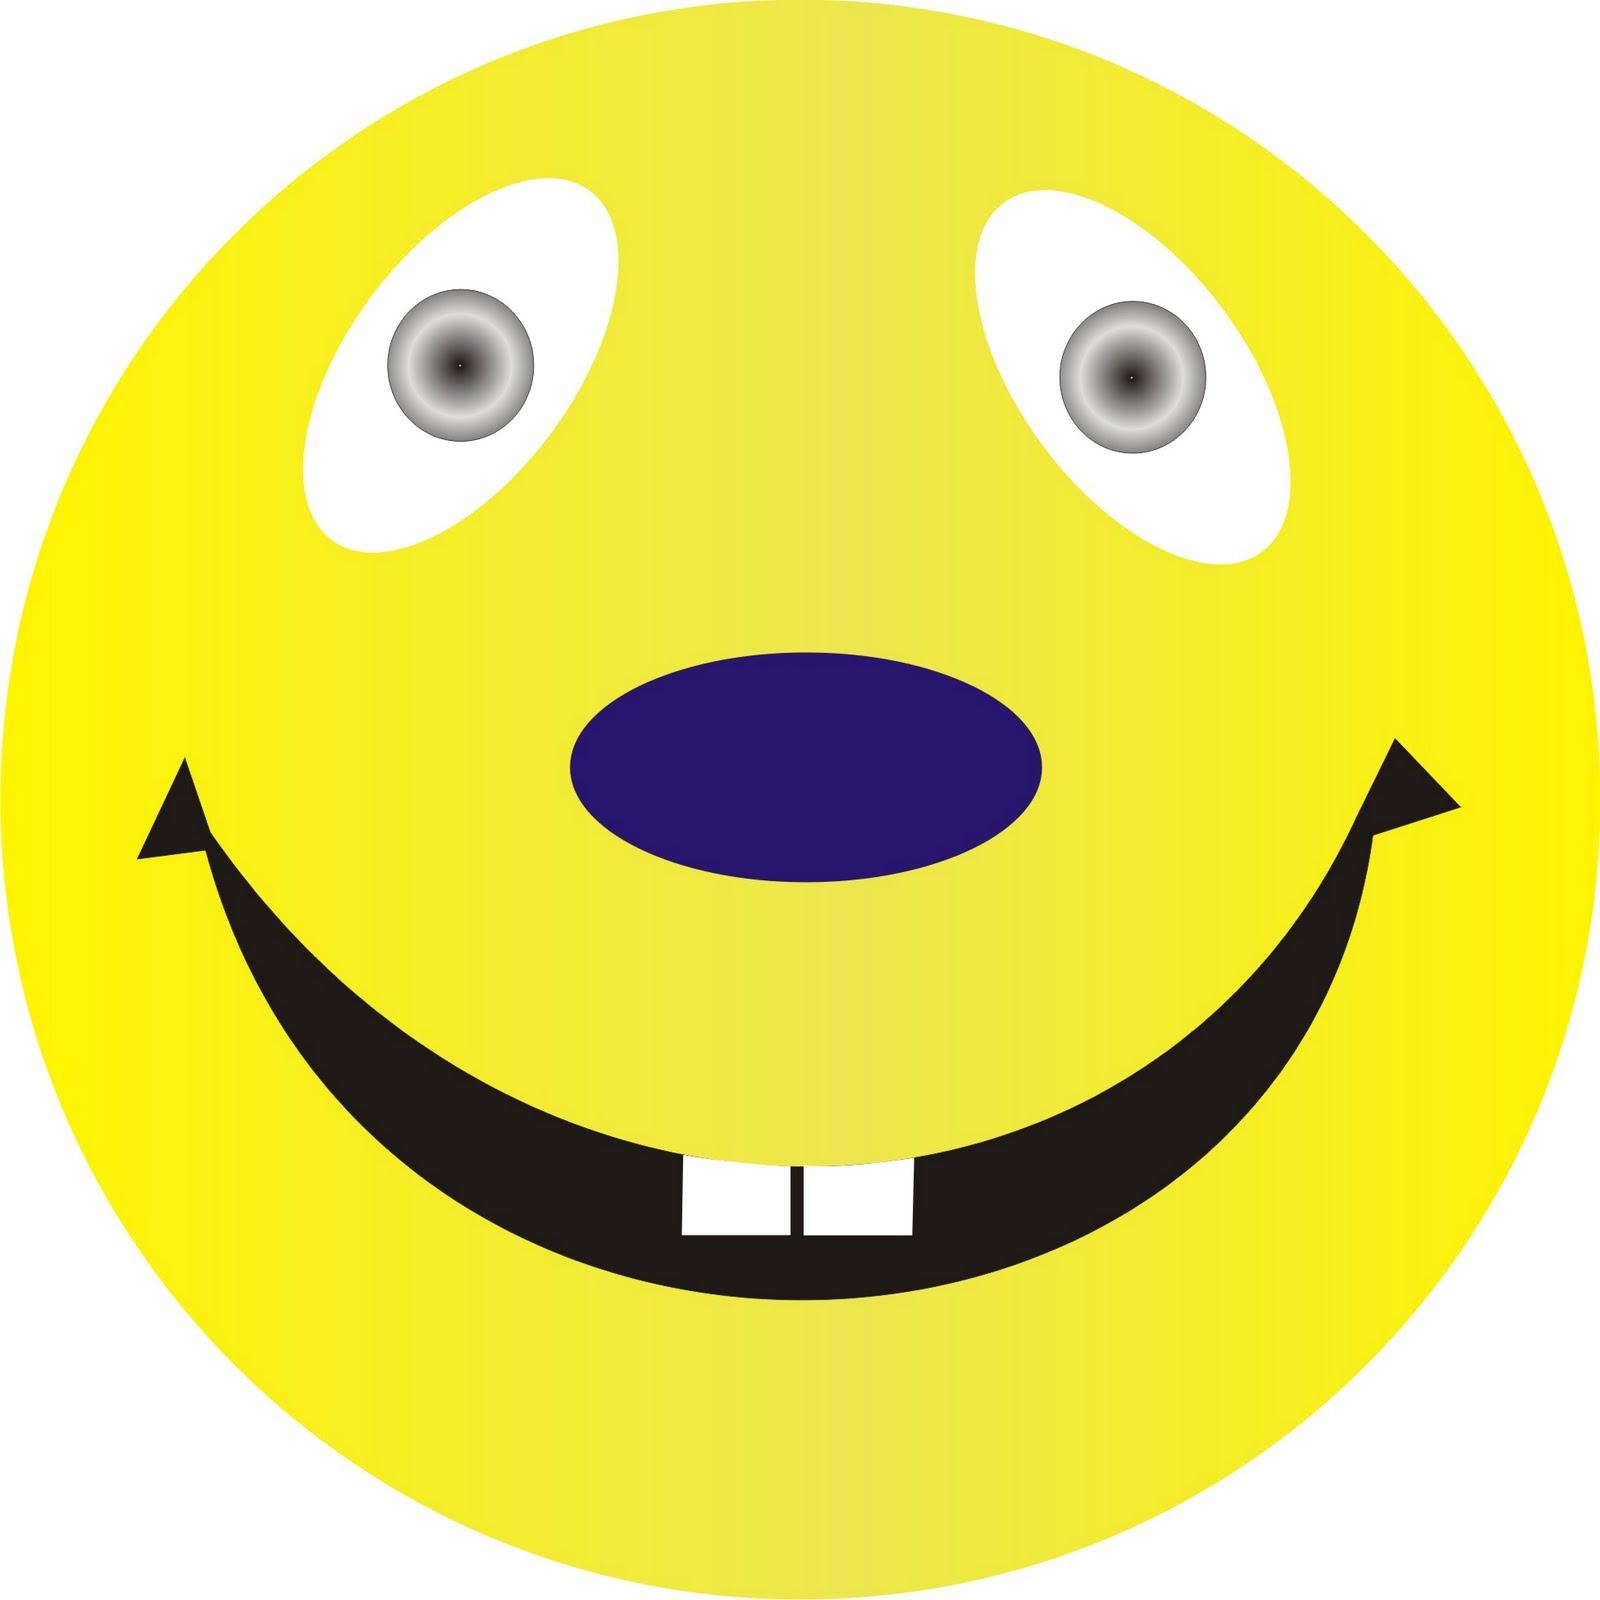 Dibujos de carita feliz en grande - Imagui